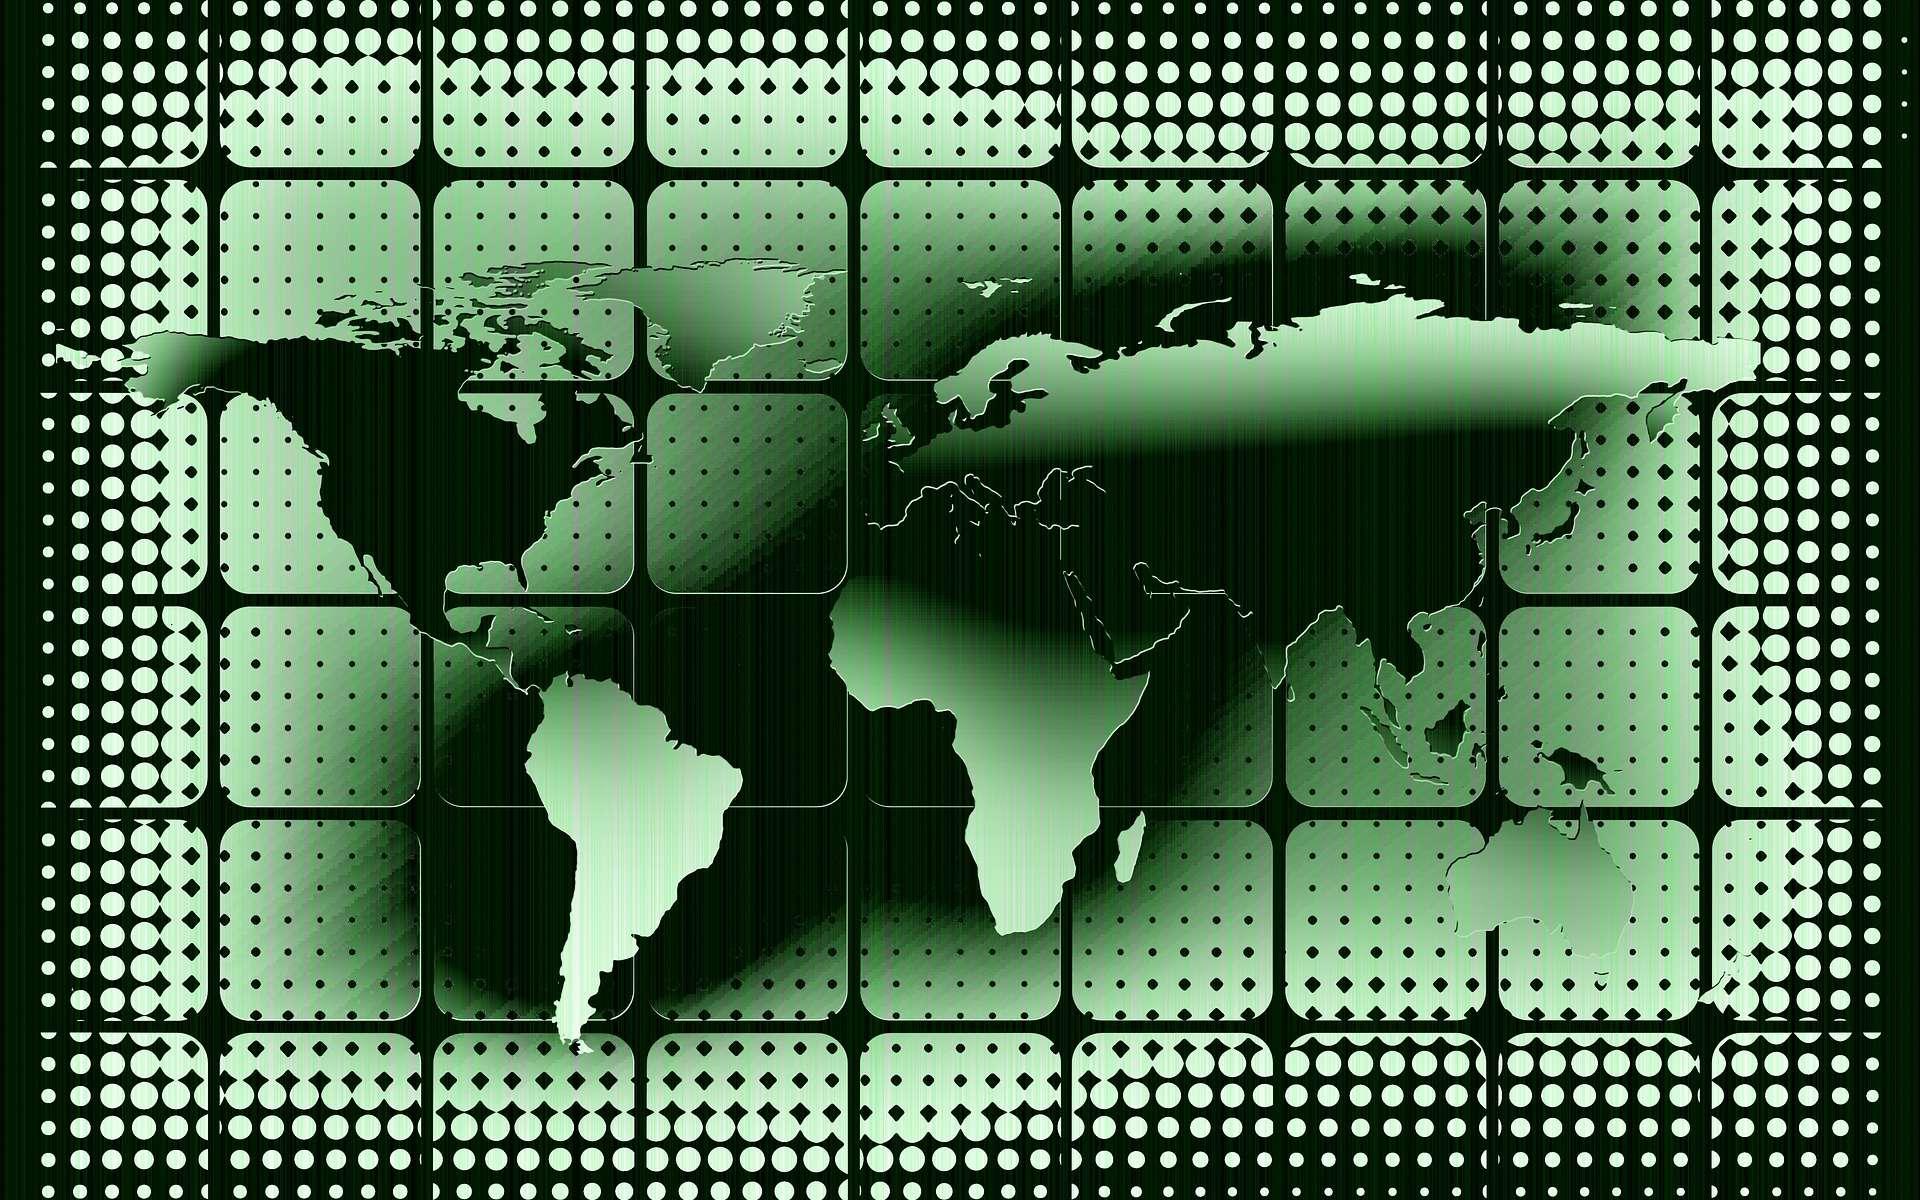 Un botnet se nourrit lui-même des ordinateurs qu'il infecte. Ce qui rend sa neutralisation très compliquée. © Gerd Altmann, Pixabay